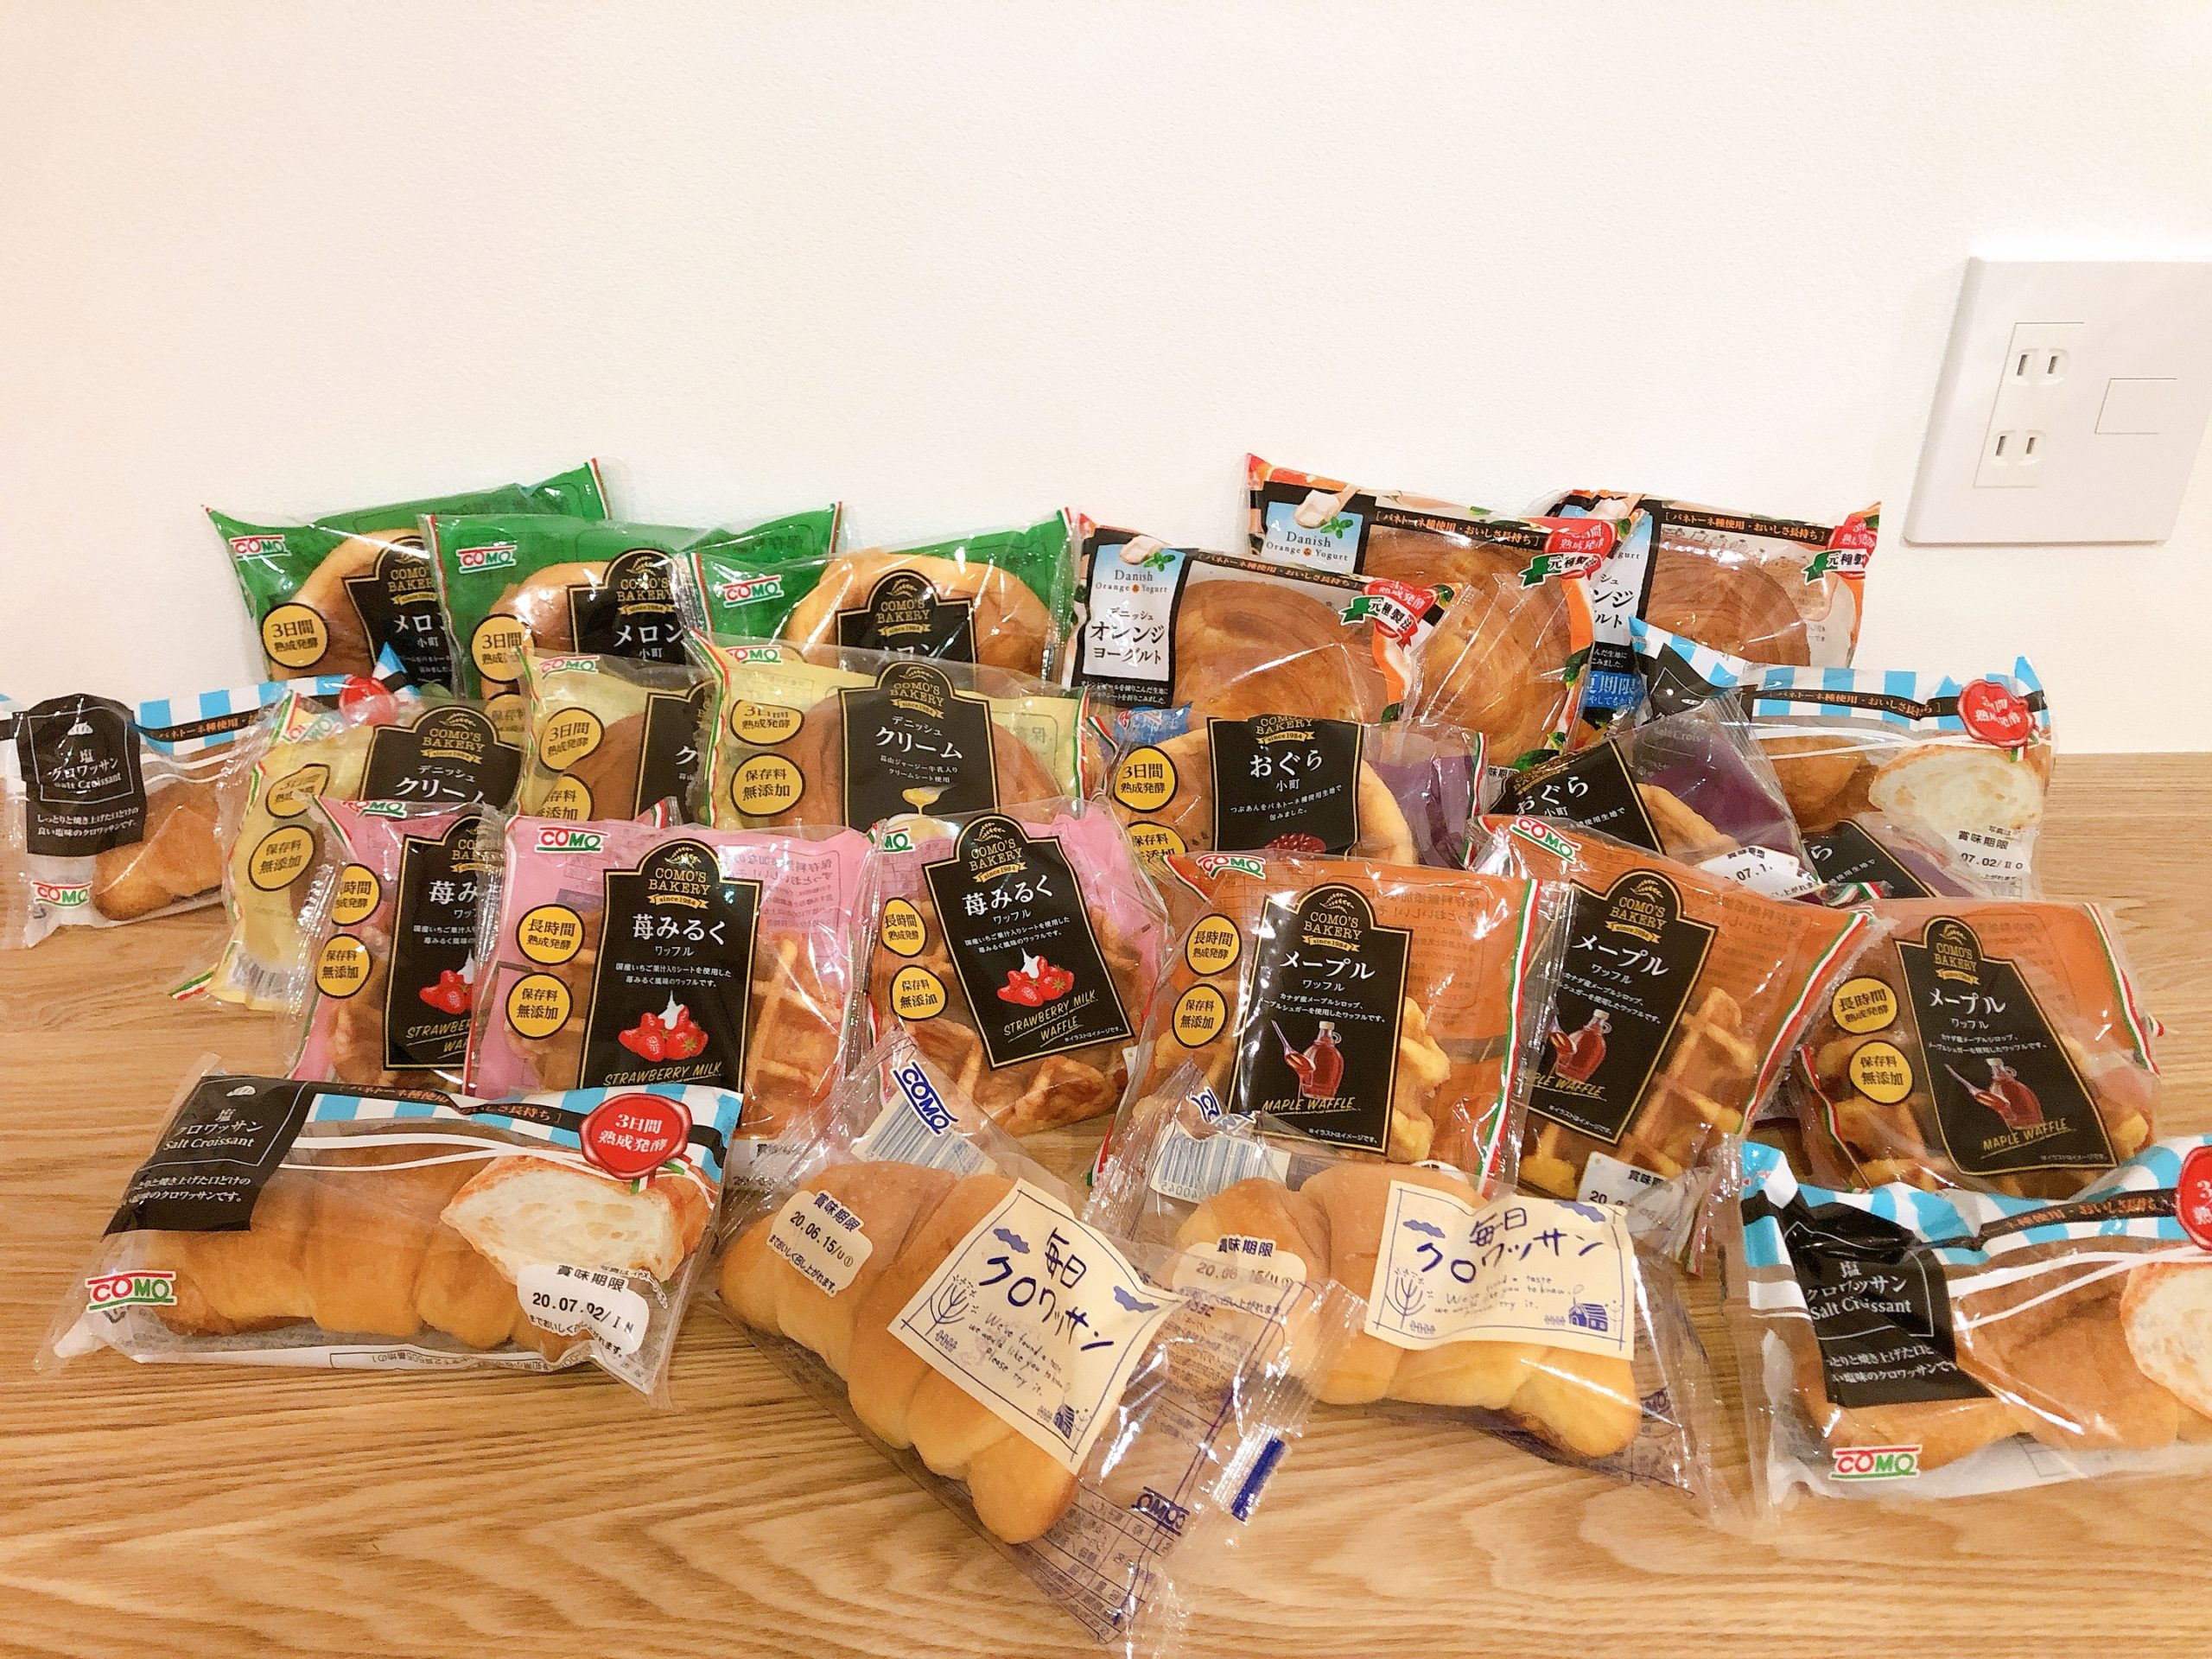 コモのパンを並べた写真